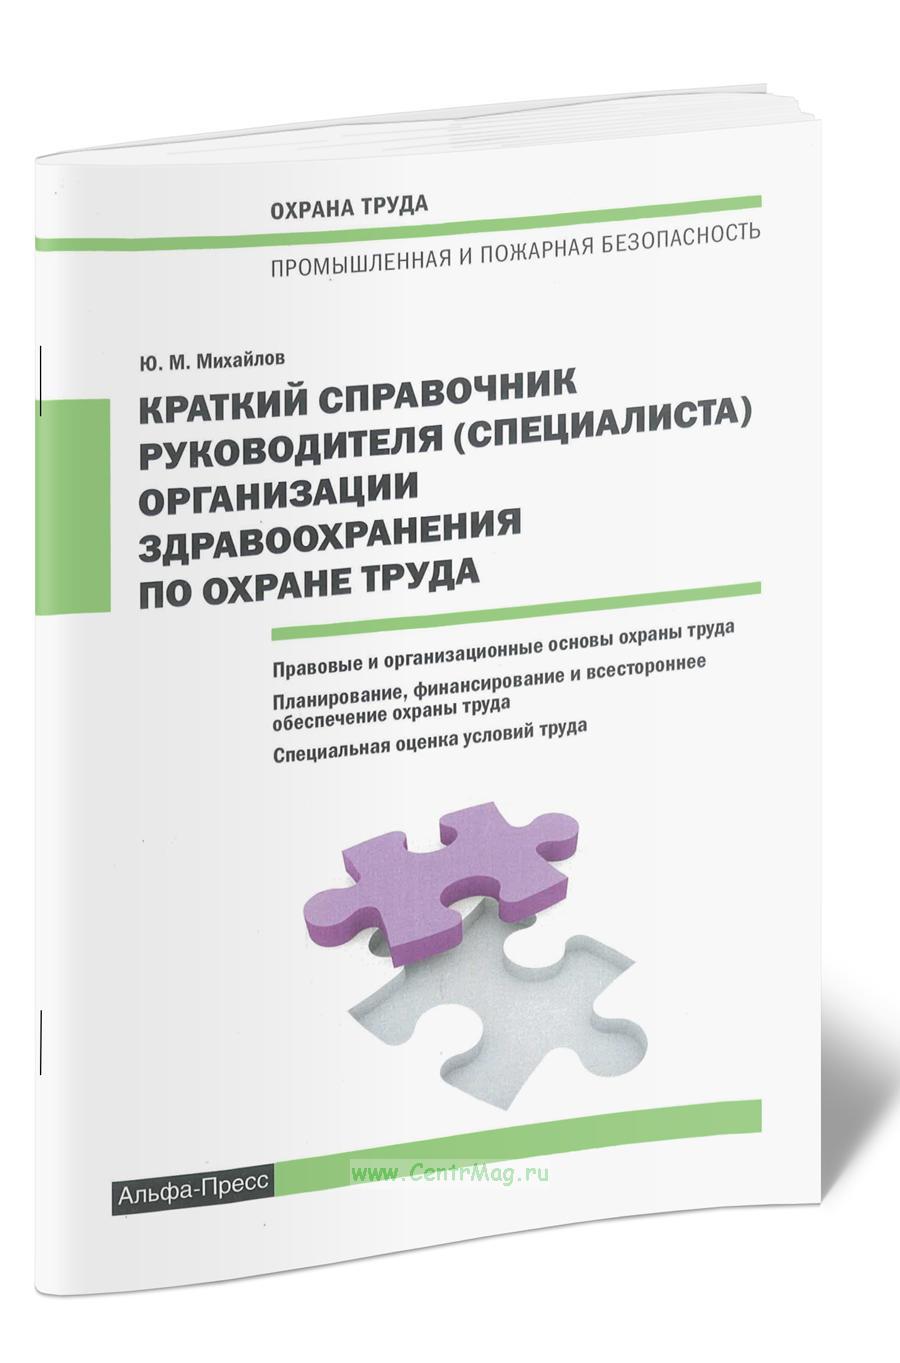 Краткий справочник руководителя (специалиста) организации здравоохранения по охране труда